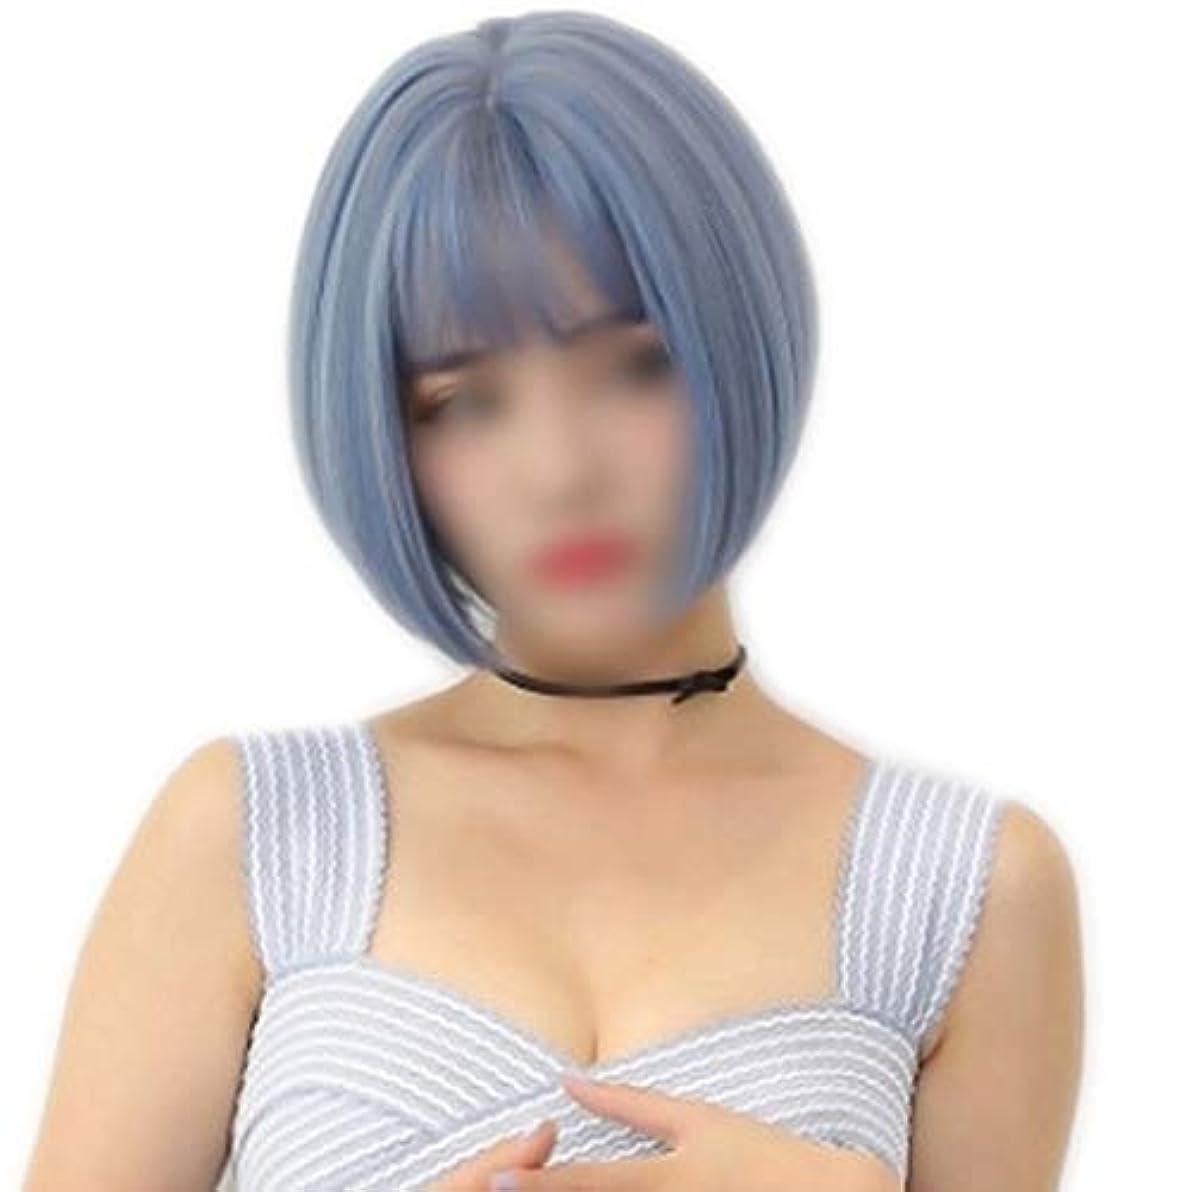 追い付く母指紋WASAIO 現実的な前髪とスタイルの交換のためのウィッグ女性ショートヘアコスプレブラウンストレートボブアクセサリー (色 : Peacock blue)